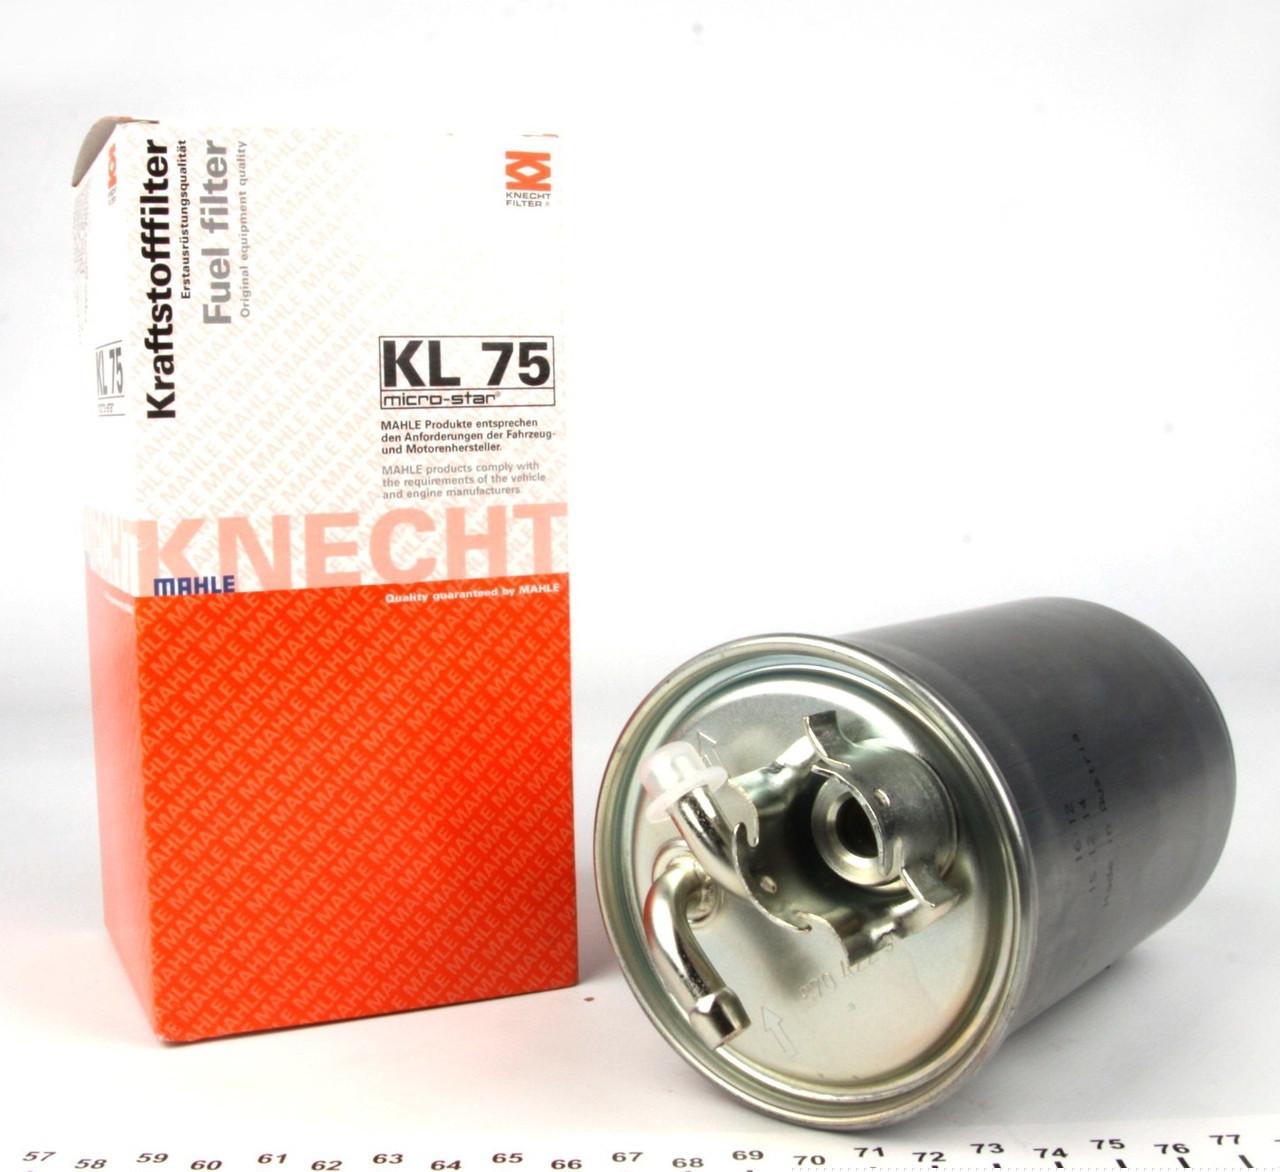 Топливный фильтр c подогревом VW-T41.9-2.5TDI-90-03 Golf-II Golf III1.9D/TDI-91-99-KNECHT-KL 75-Германия